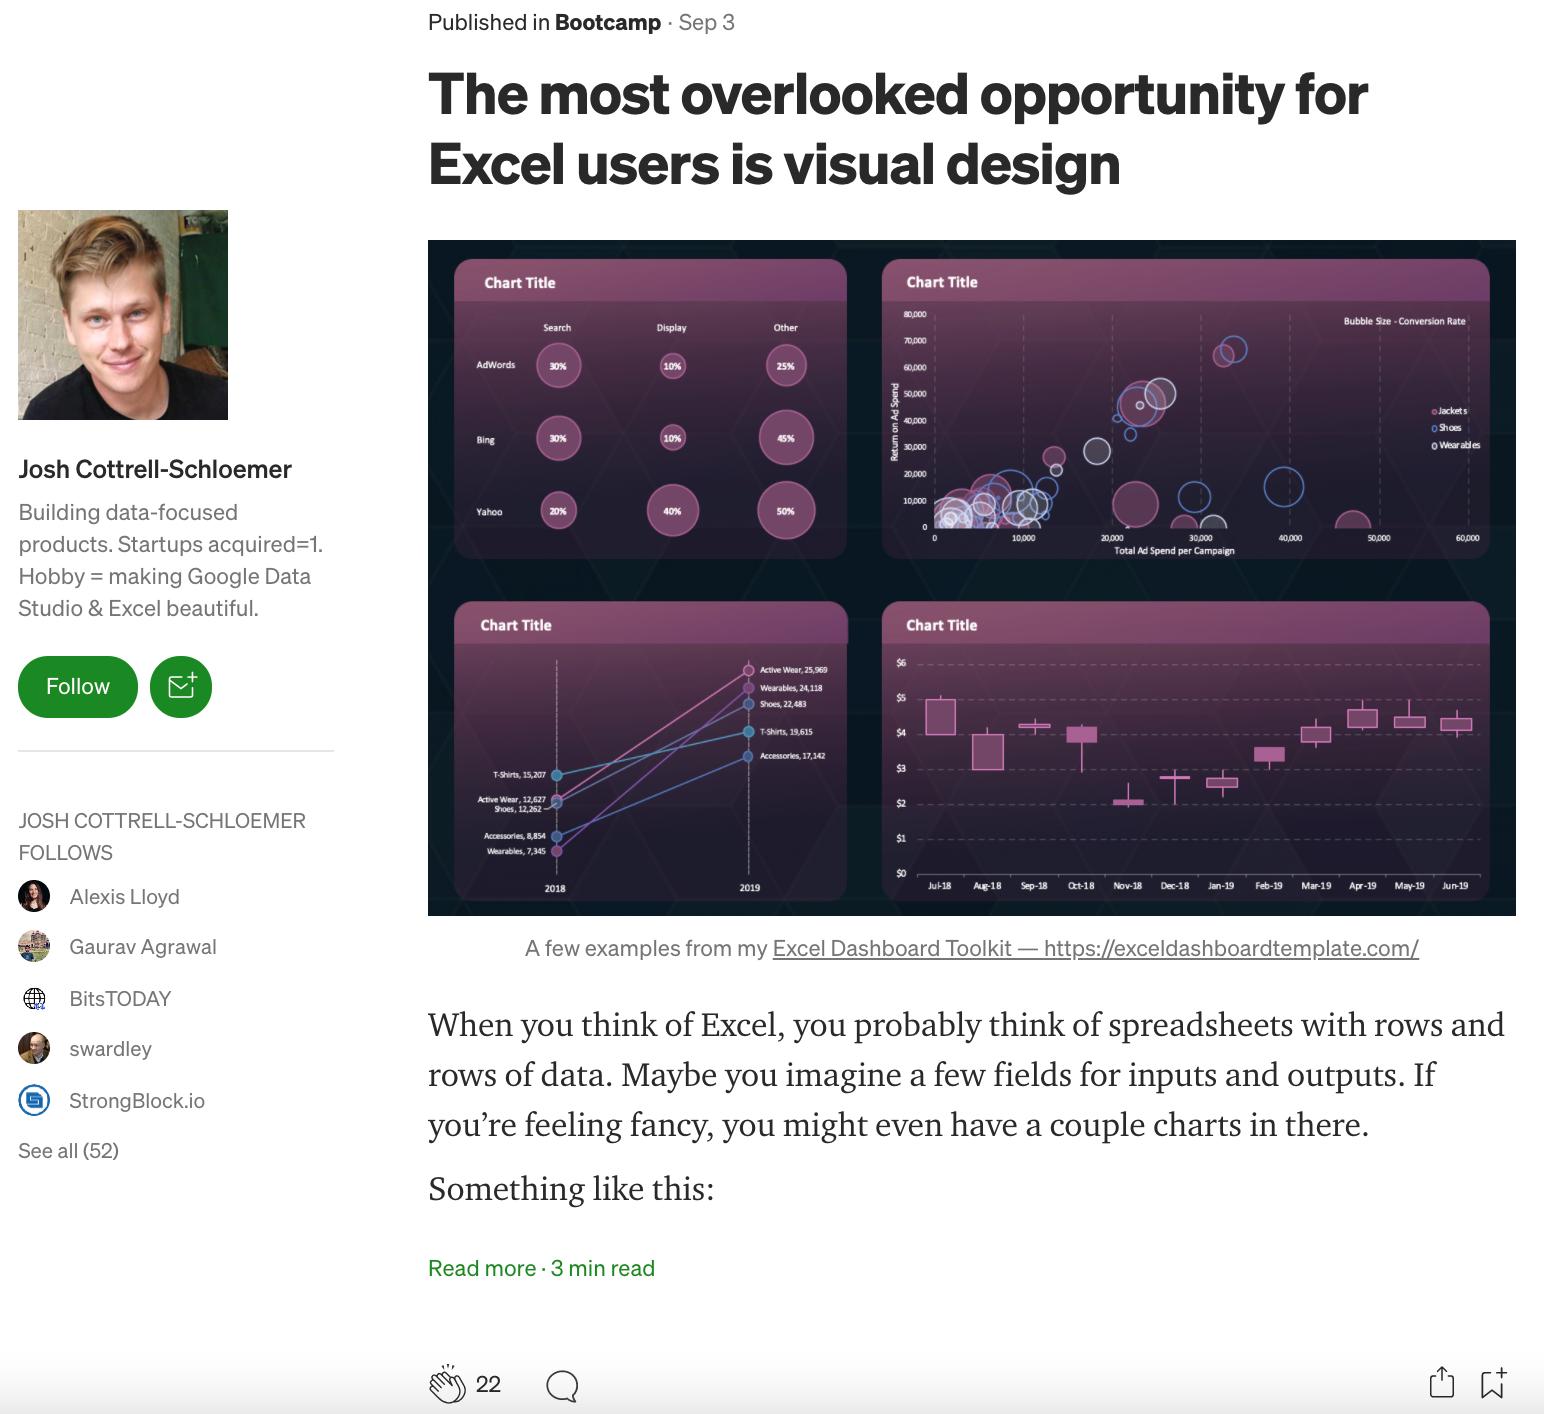 screenshot of josh cottrell-schloemer's article featuring an excel dashboard